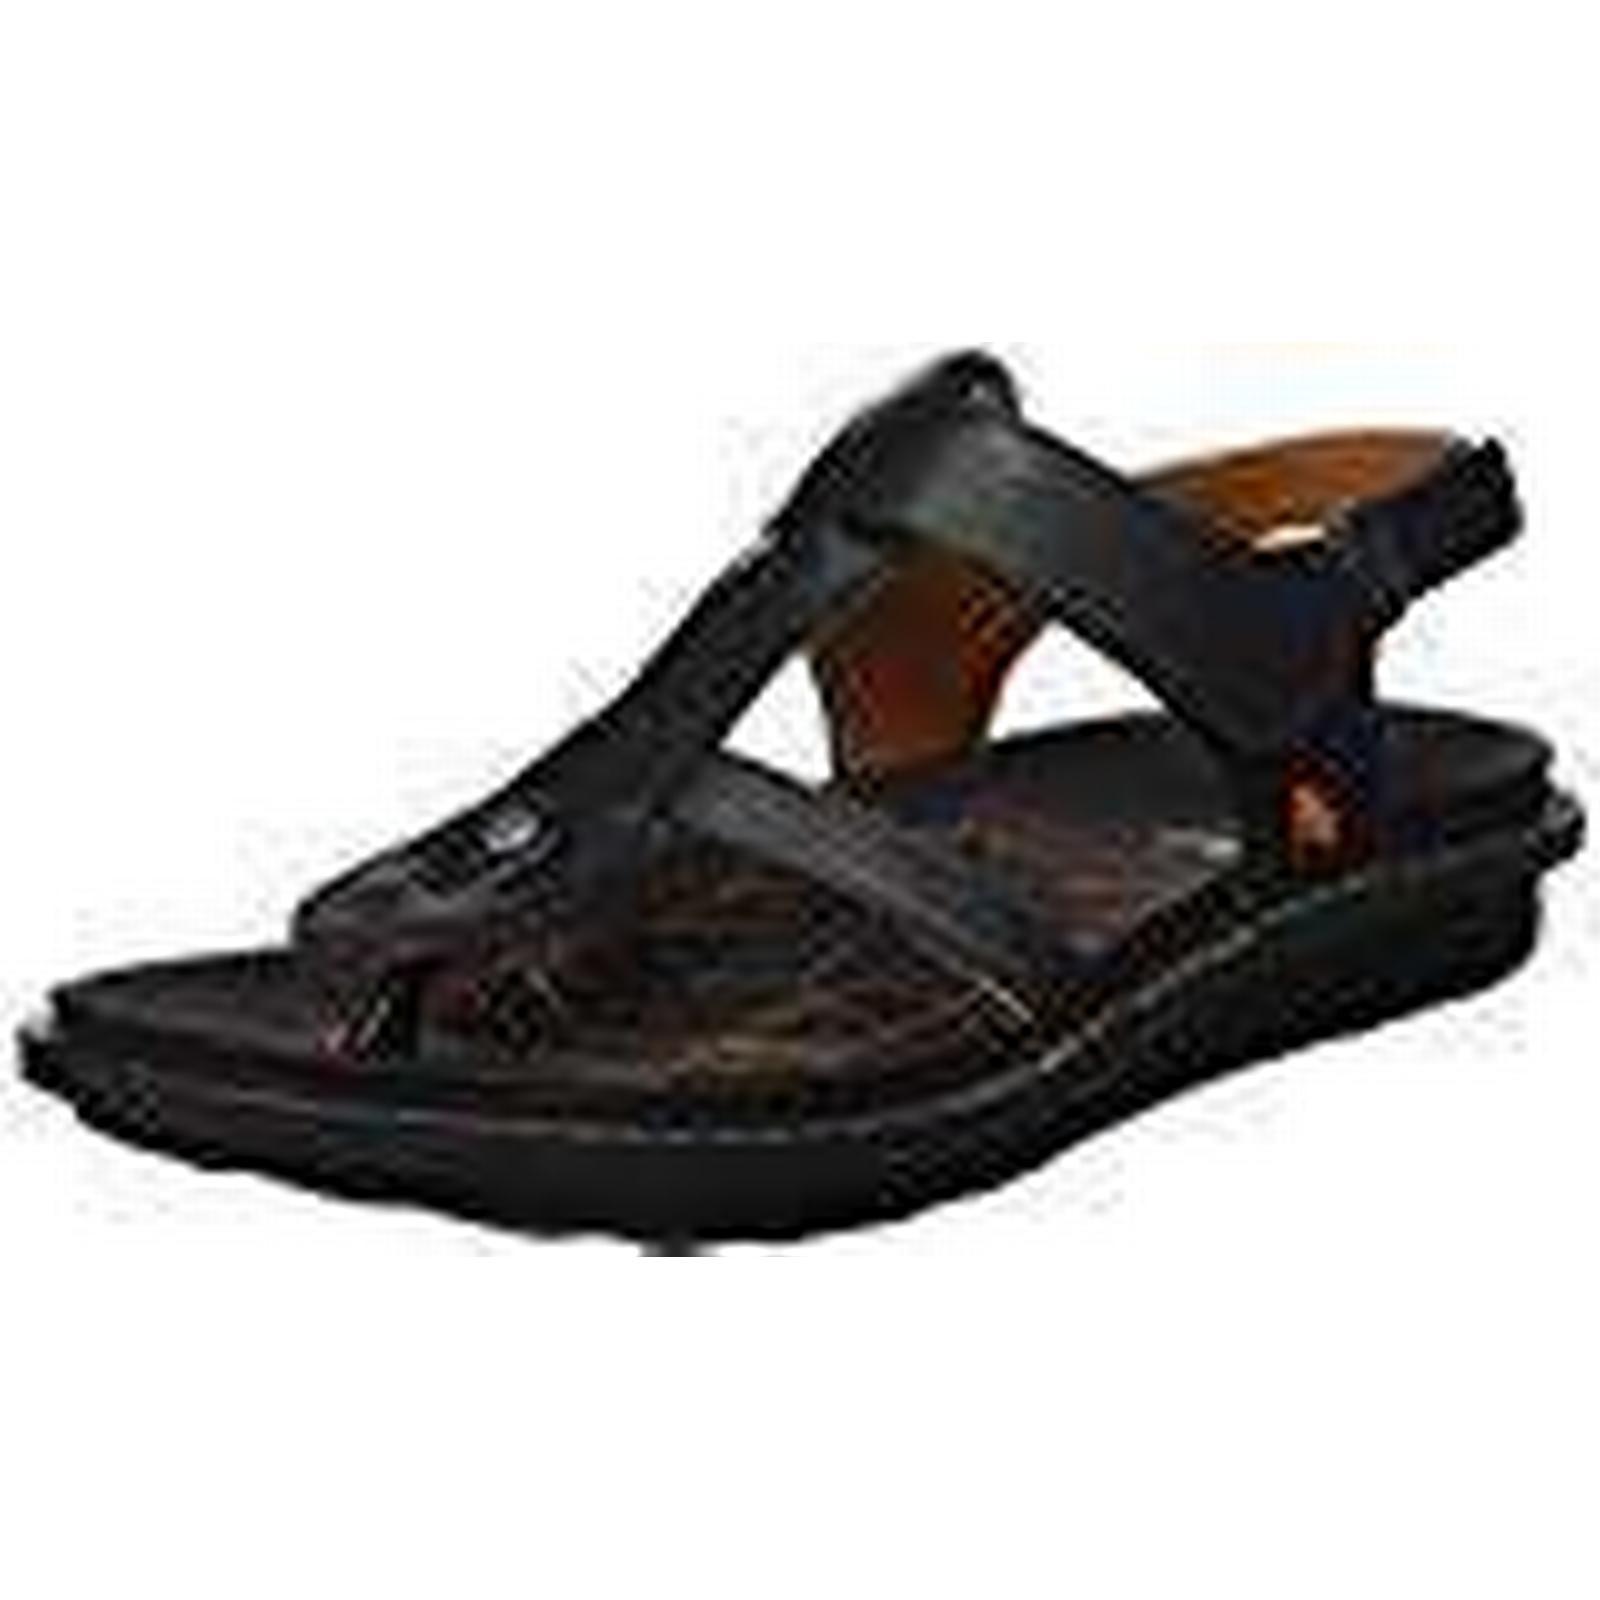 Art 1300 Memphis I Explore, Women's Sandals, Heels Sandals Open Toe Sandals, Women's Black (Black), 6 UK (39 EU) 8d525d